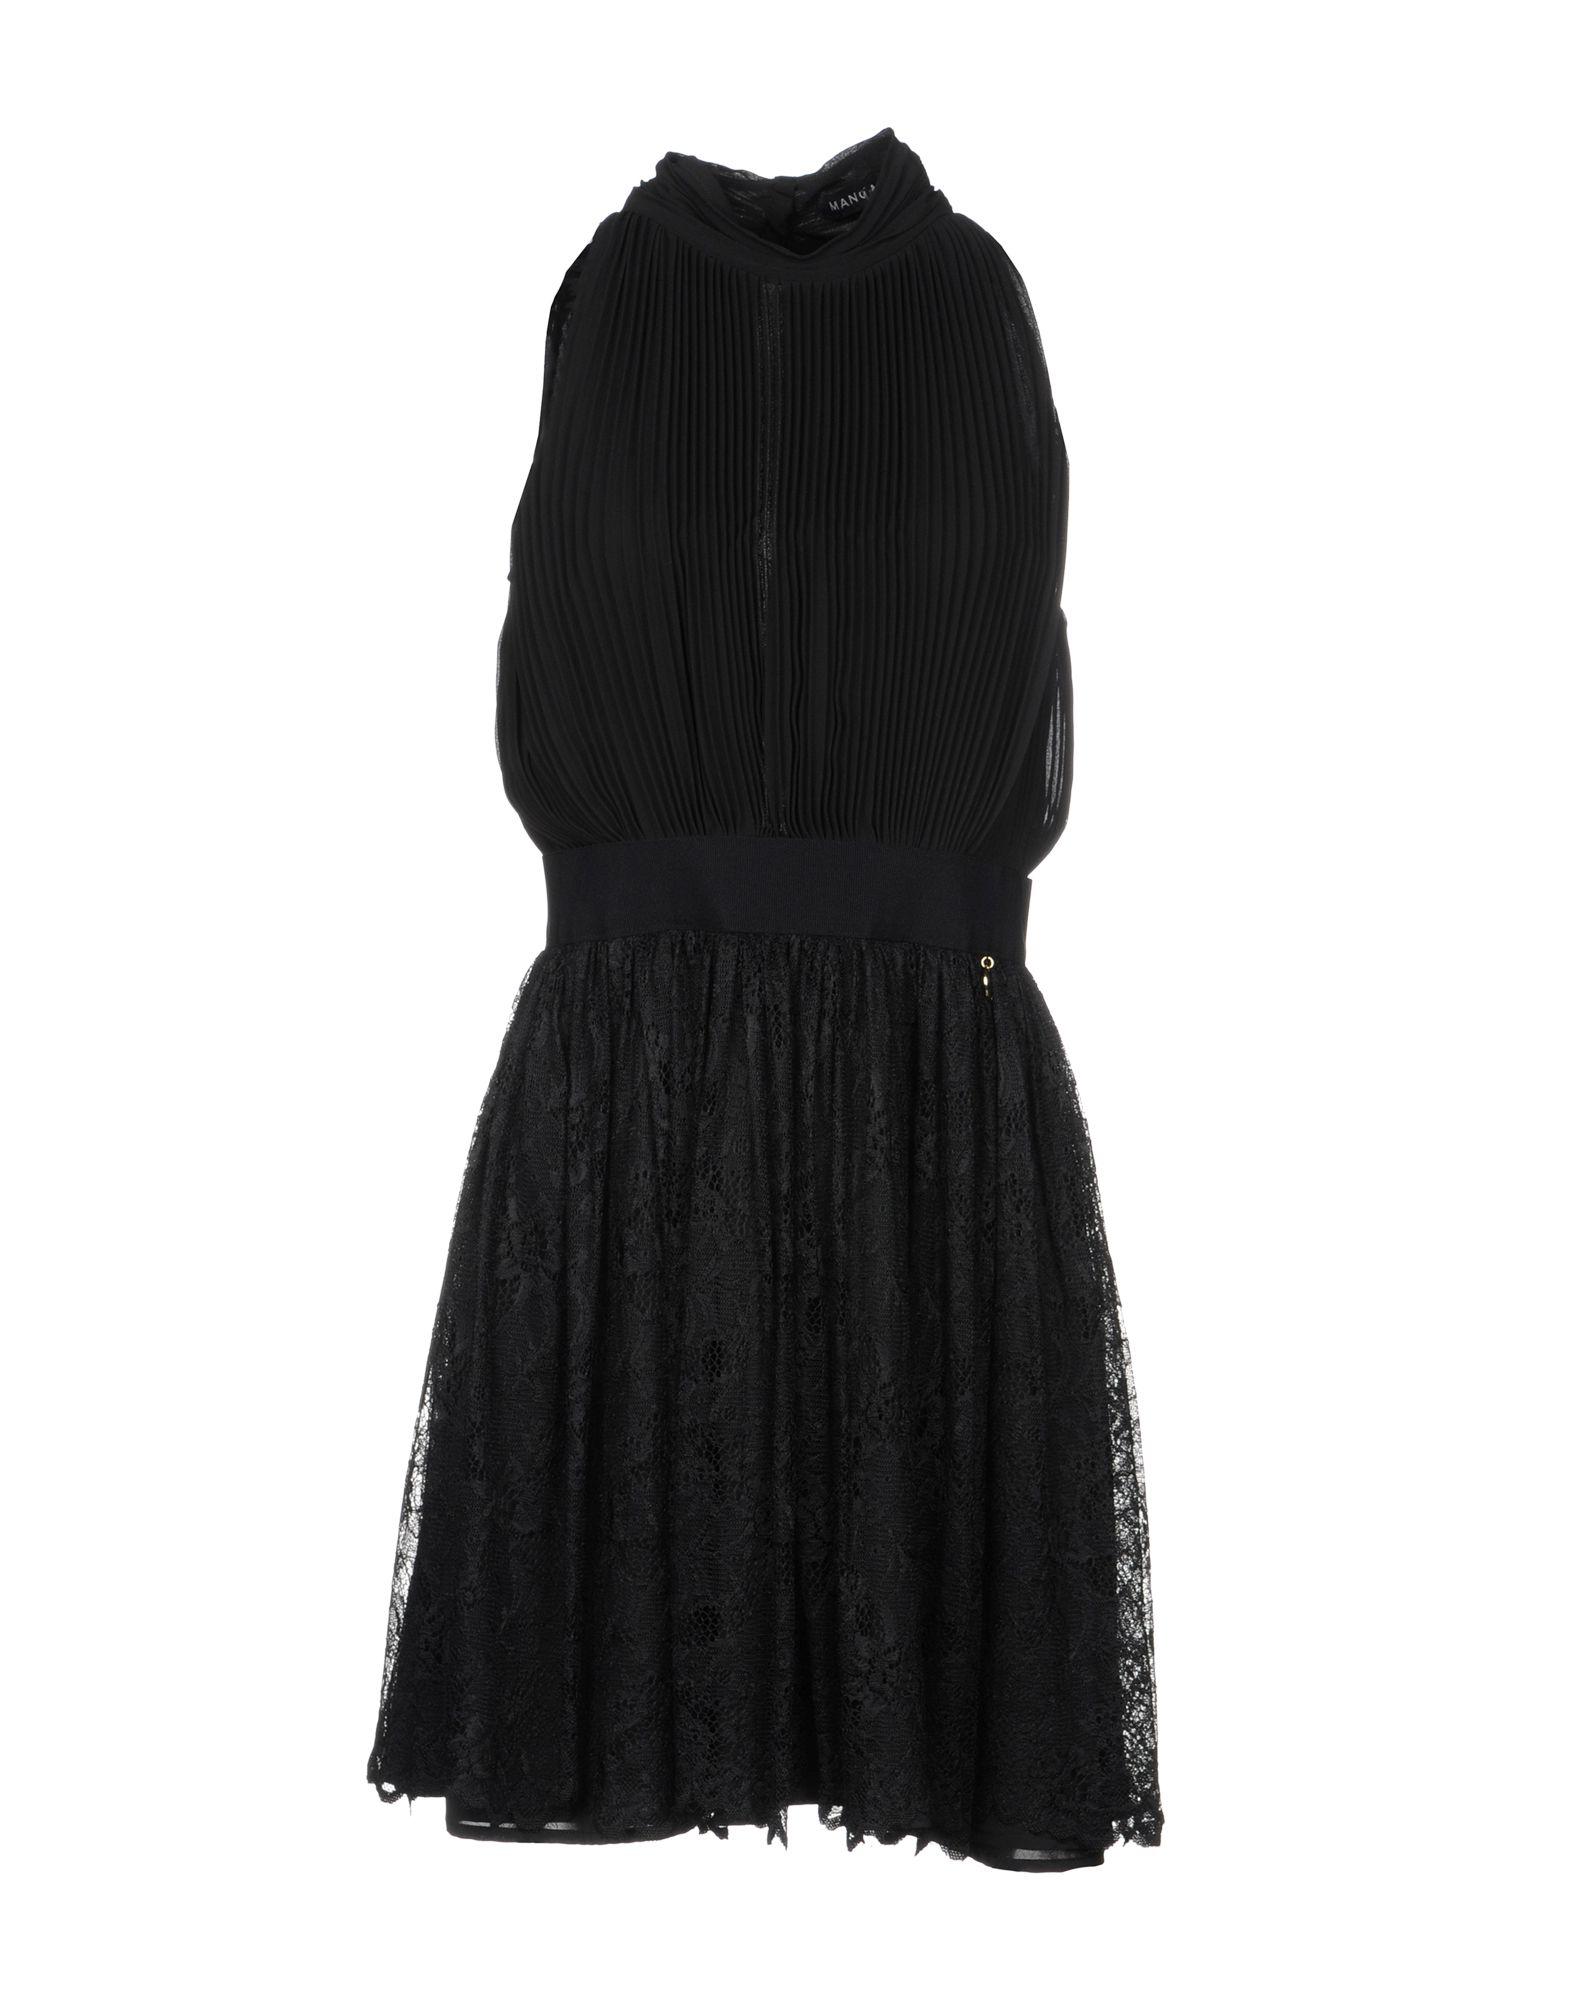 Vestito Corto Mangano Donna - Acquista online su co2nblhmQ5